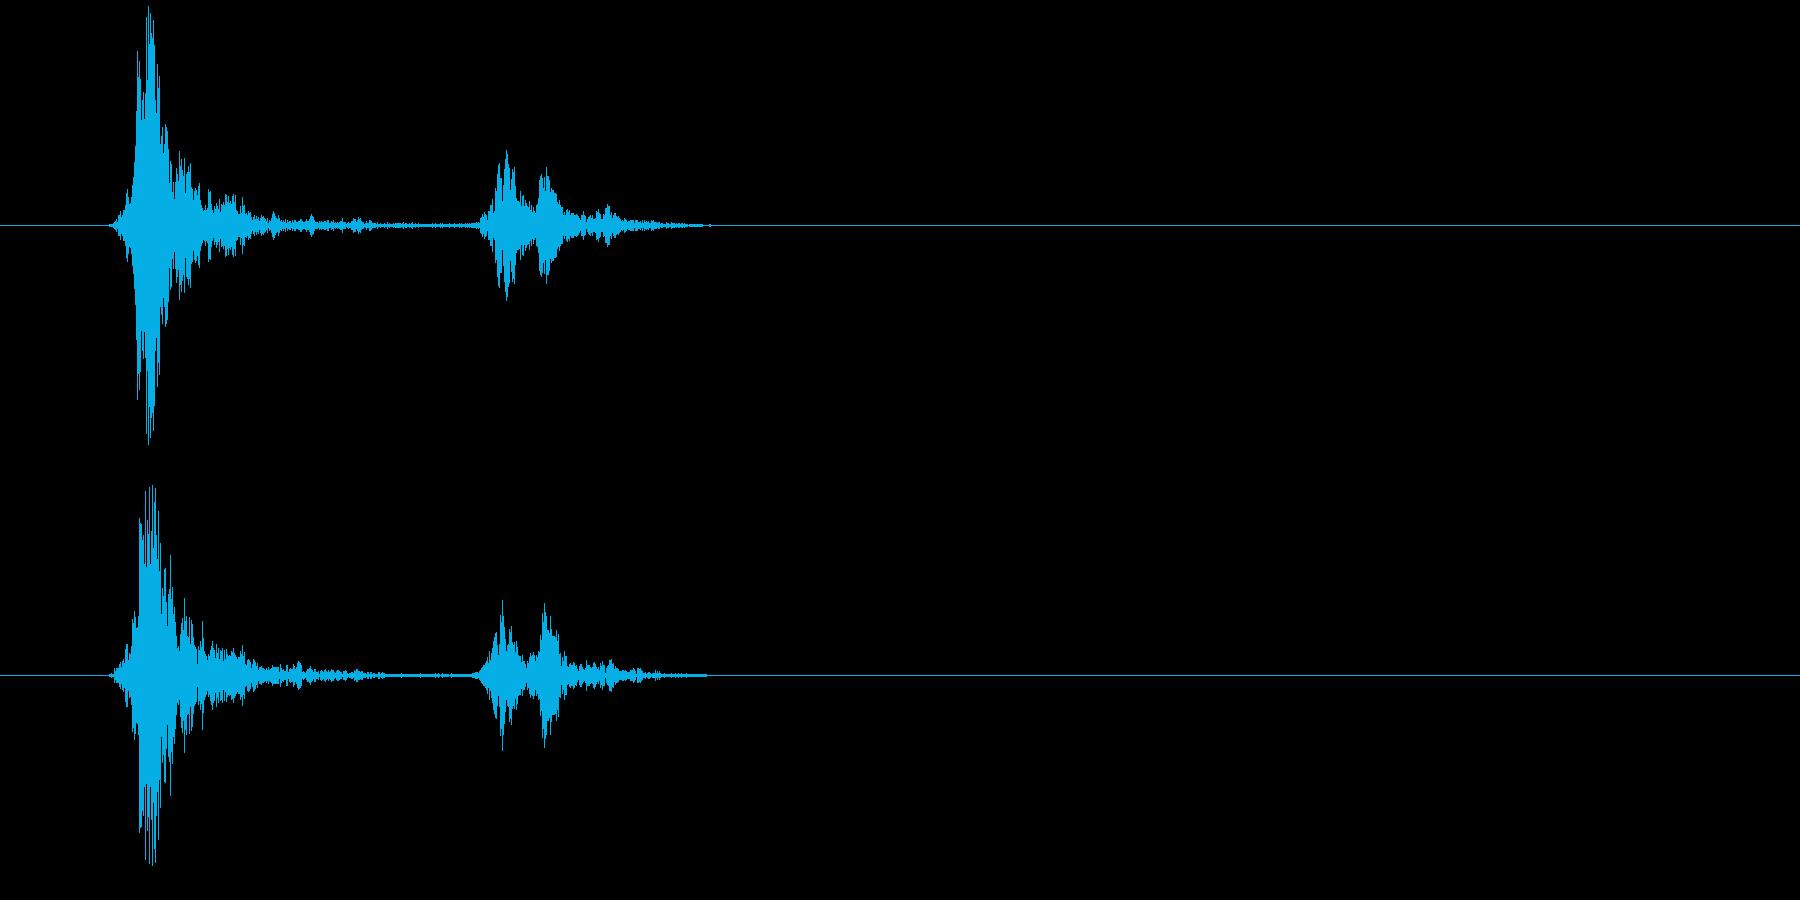 152スウィッチ音3の再生済みの波形